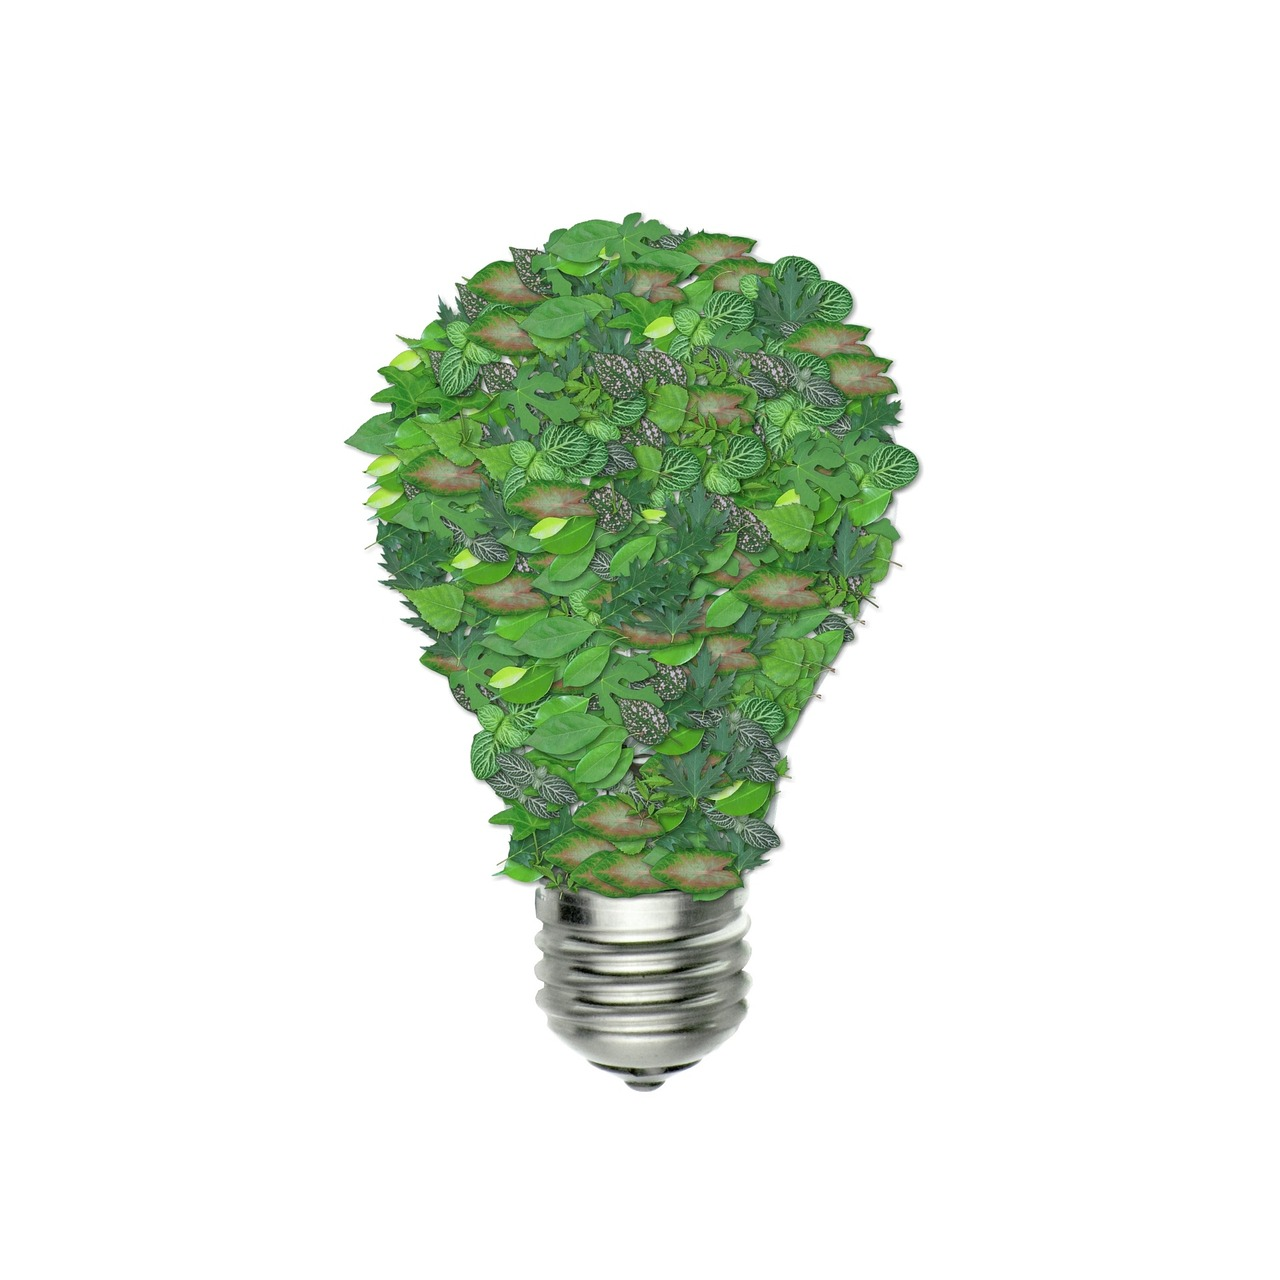 Recomendaciones para aumentar la eficiencia energética en el hogar